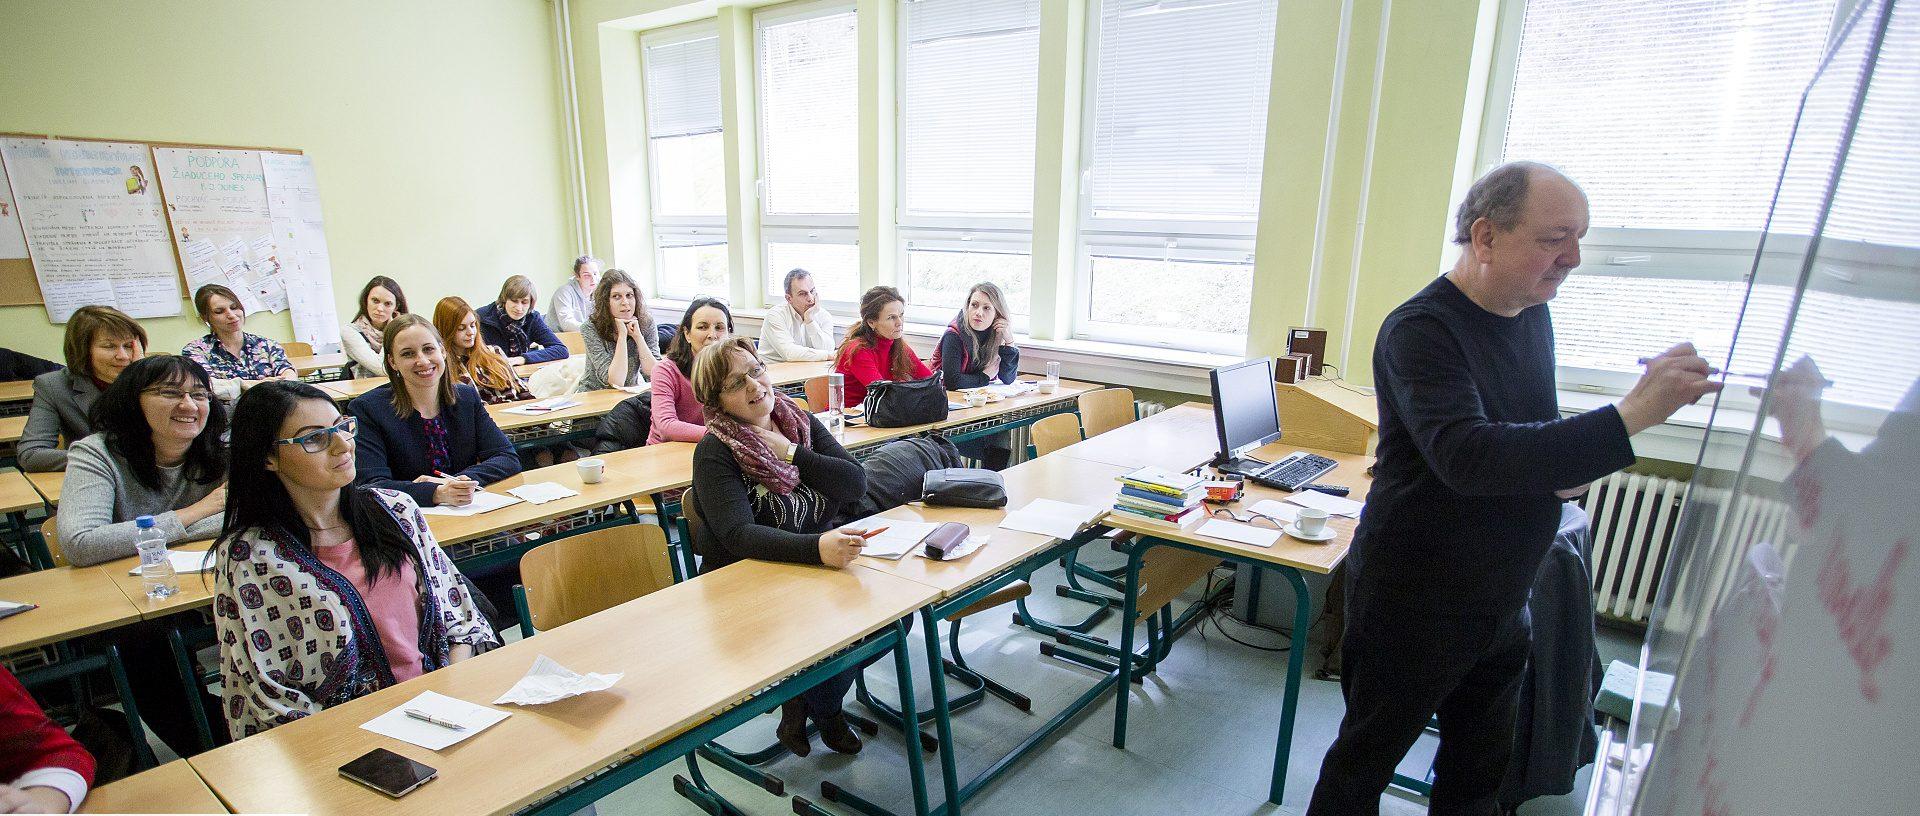 Pripraviť deti na profesie, ktoré dnes ešte ani nemajú meno, sa nedá cez poučky, hovorí spisovateľ Daniel Hevier